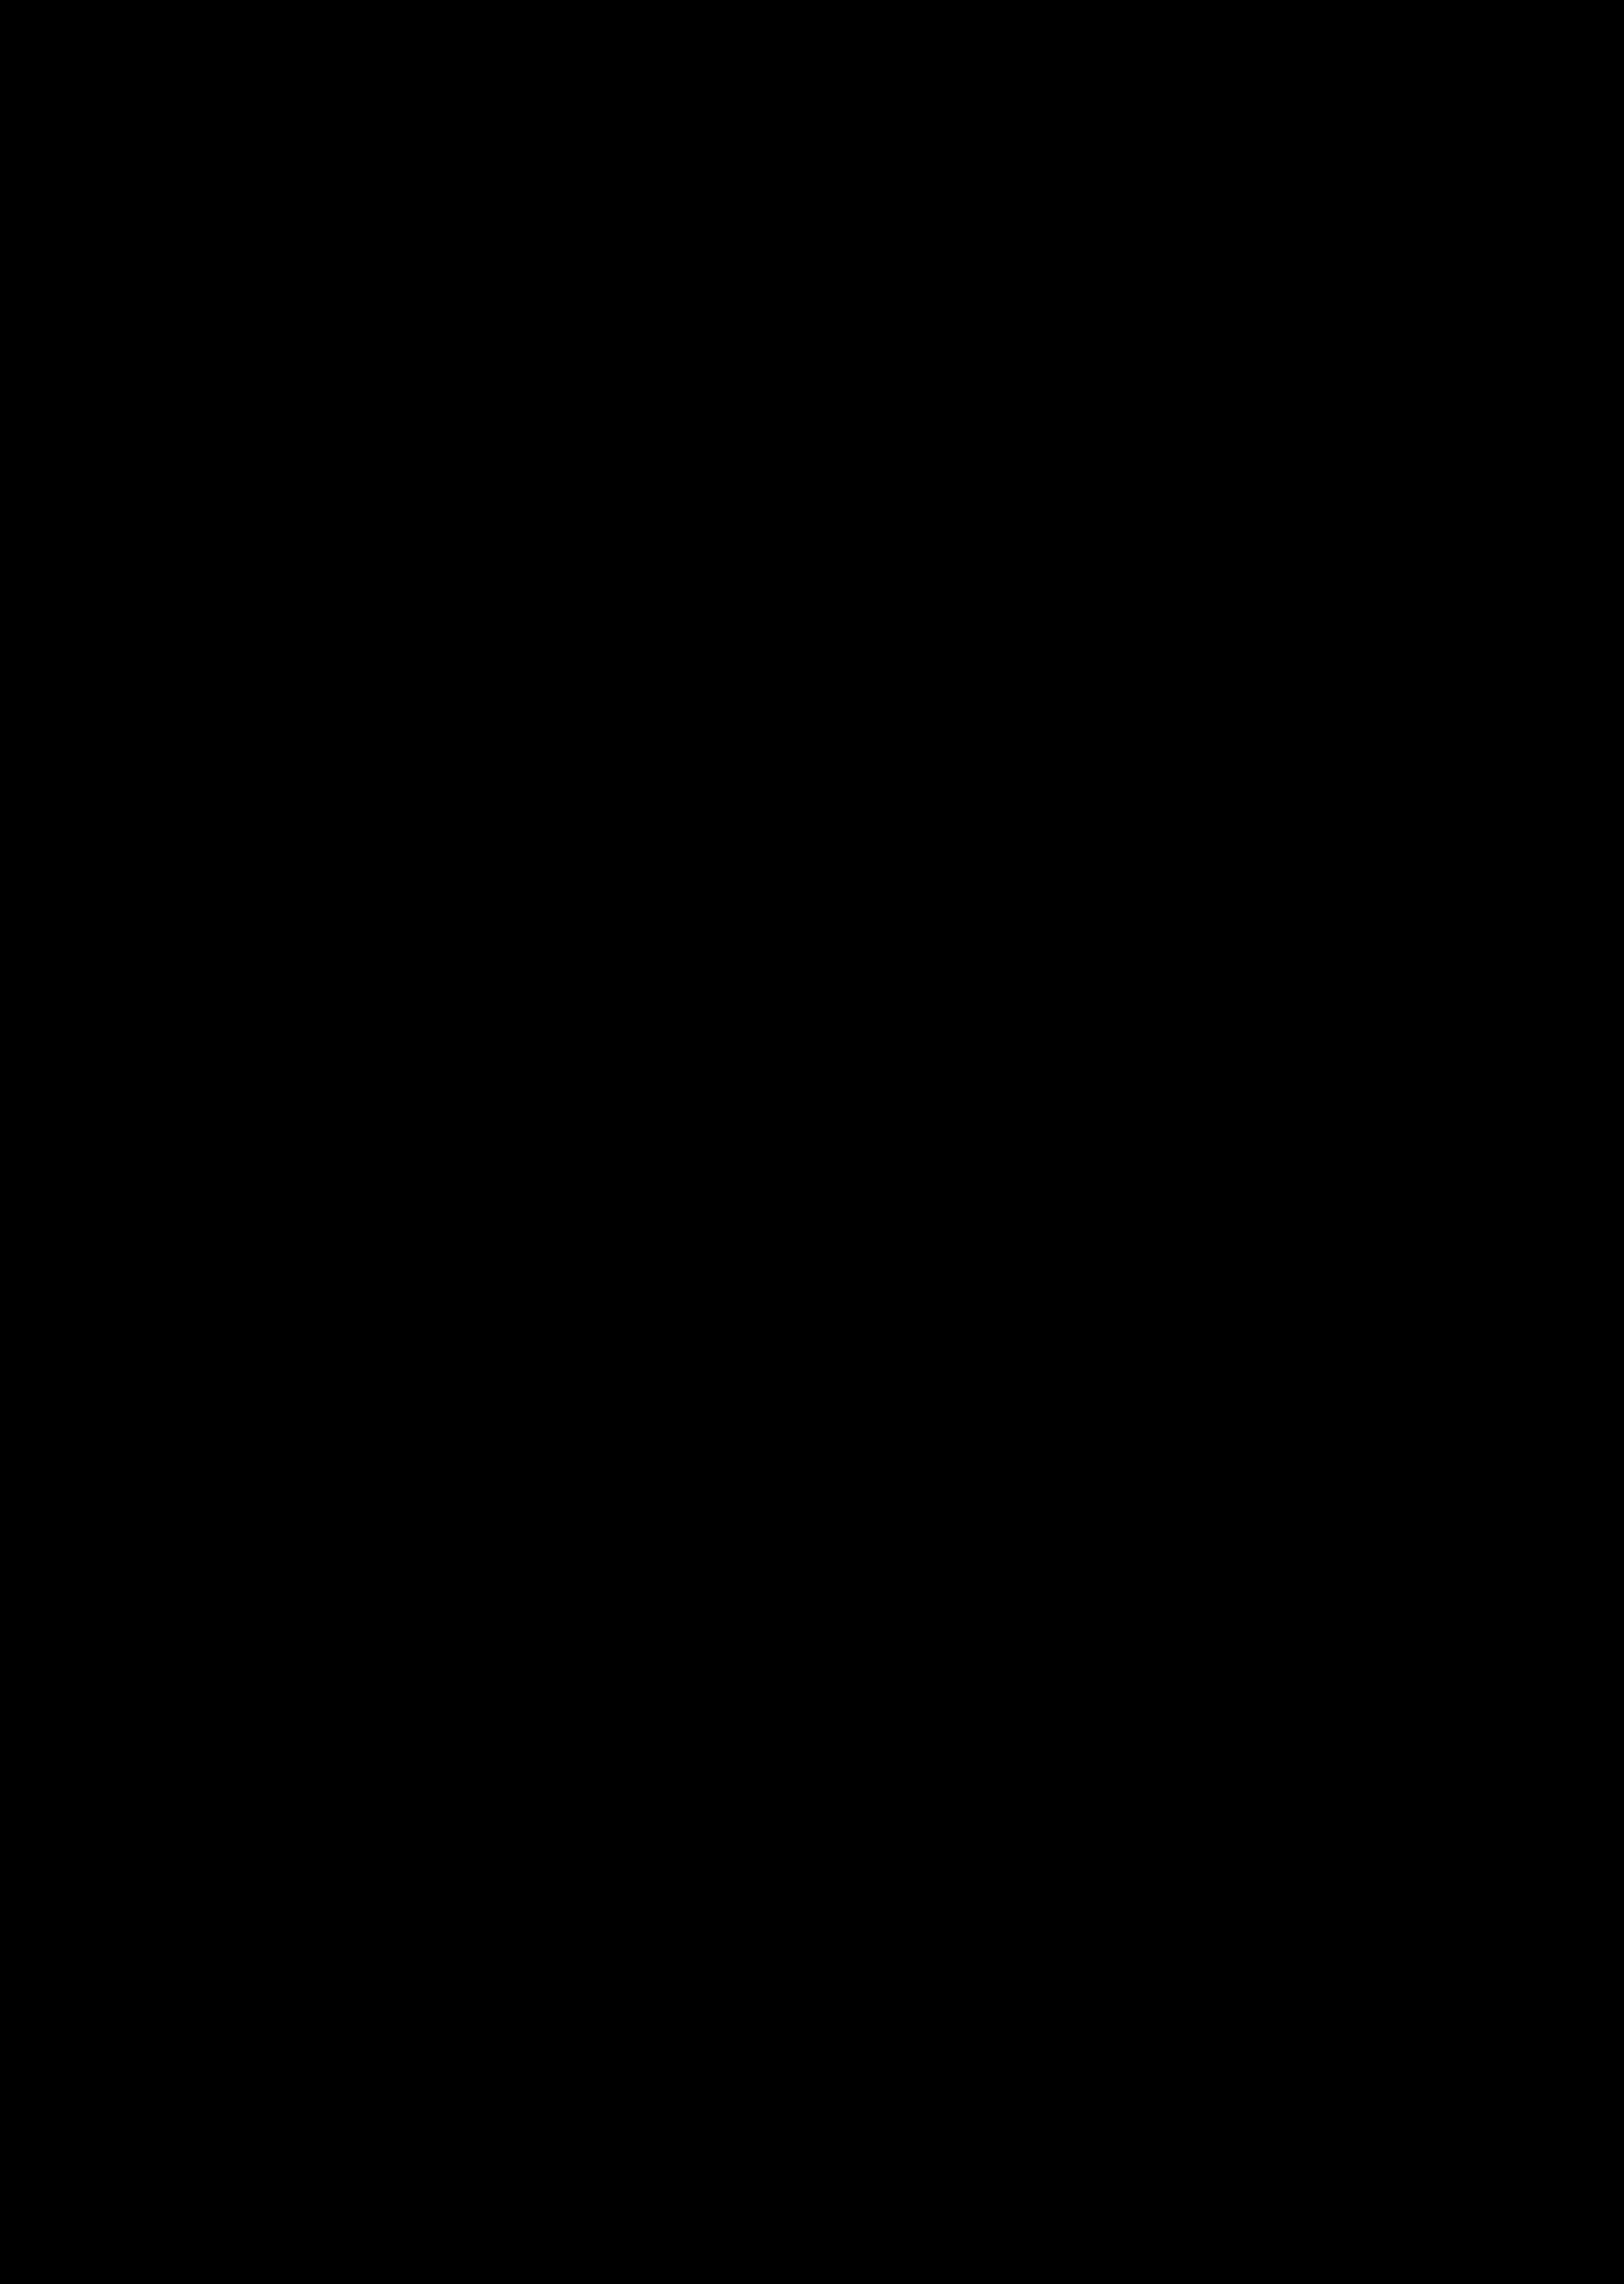 Politehnica Centenar. Expoziția dedicată echipei de fotbal timișorene